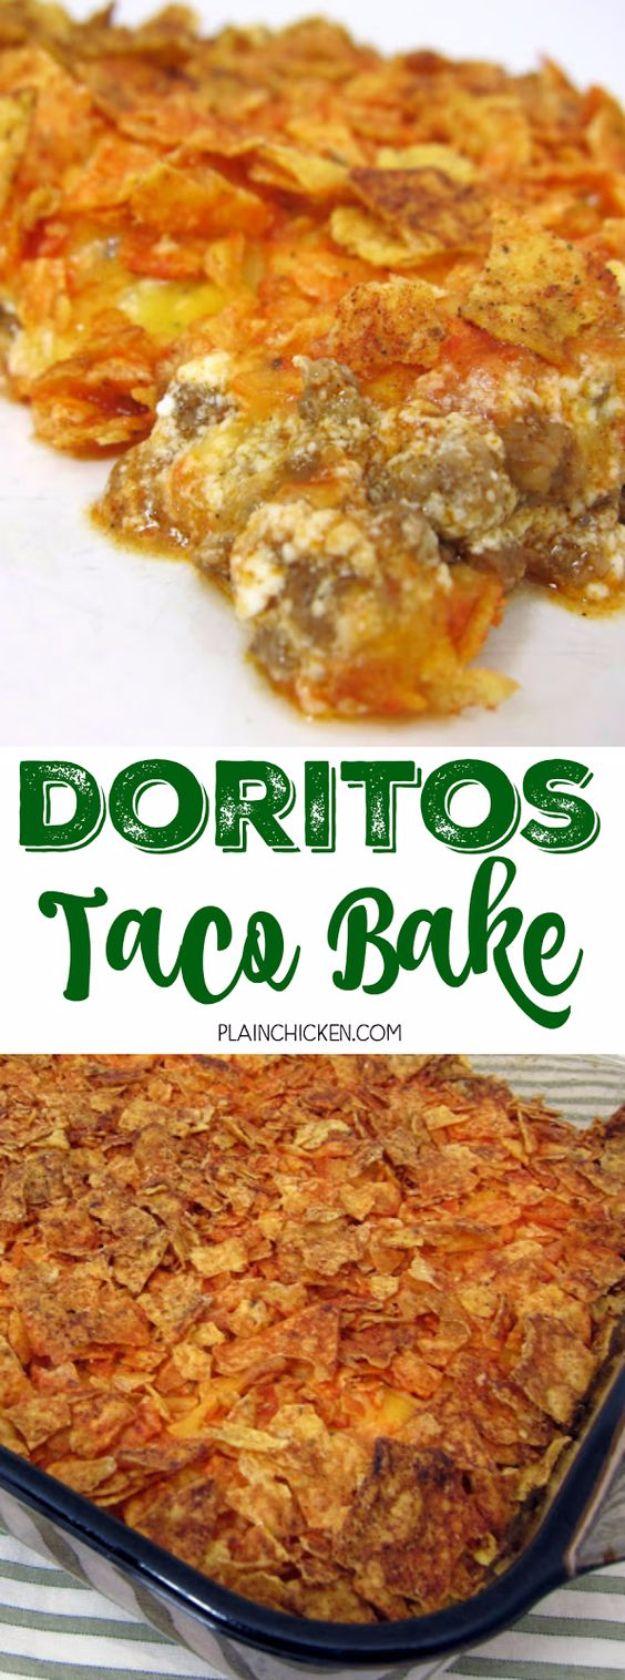 DIY Recipes Made With Doritos - Doritos Taco Bake - Best Dorito Recipes for Casserole, Taco Salad, Chicken Dinners, Beef Casseroles, Nachos, Easy Cool Ranch Meals and Ideas for Dips, Snacks and Kids Recipe Tutorials - Quick Lunch Ideas and Recipes for Parties http://diyjoy.com/recipe-ideas-doritos